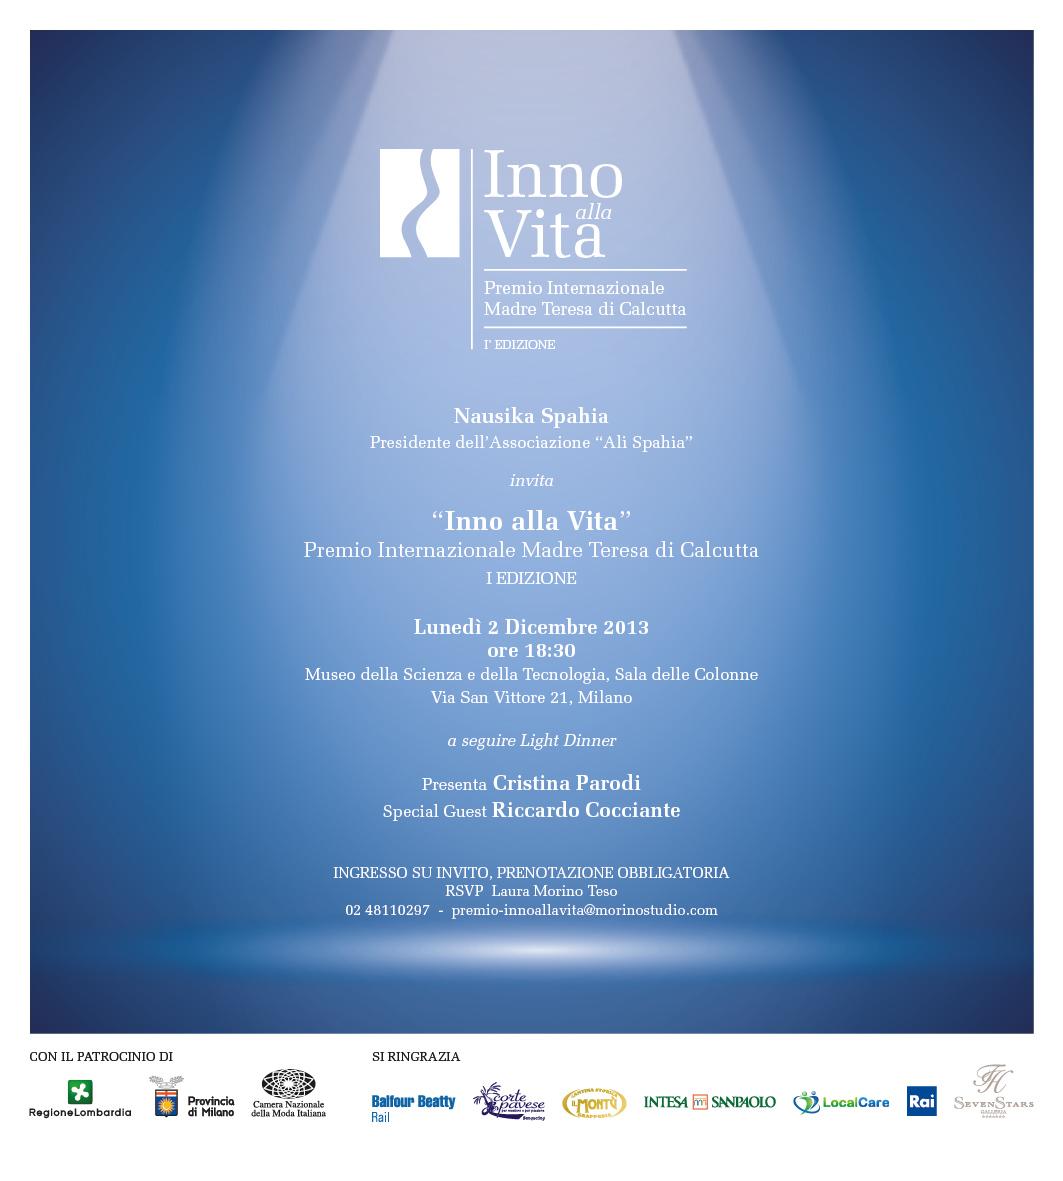 INVITO_Premio_Internazionale_INNO_ALLA_VITA_-_2_Dicembre_2013